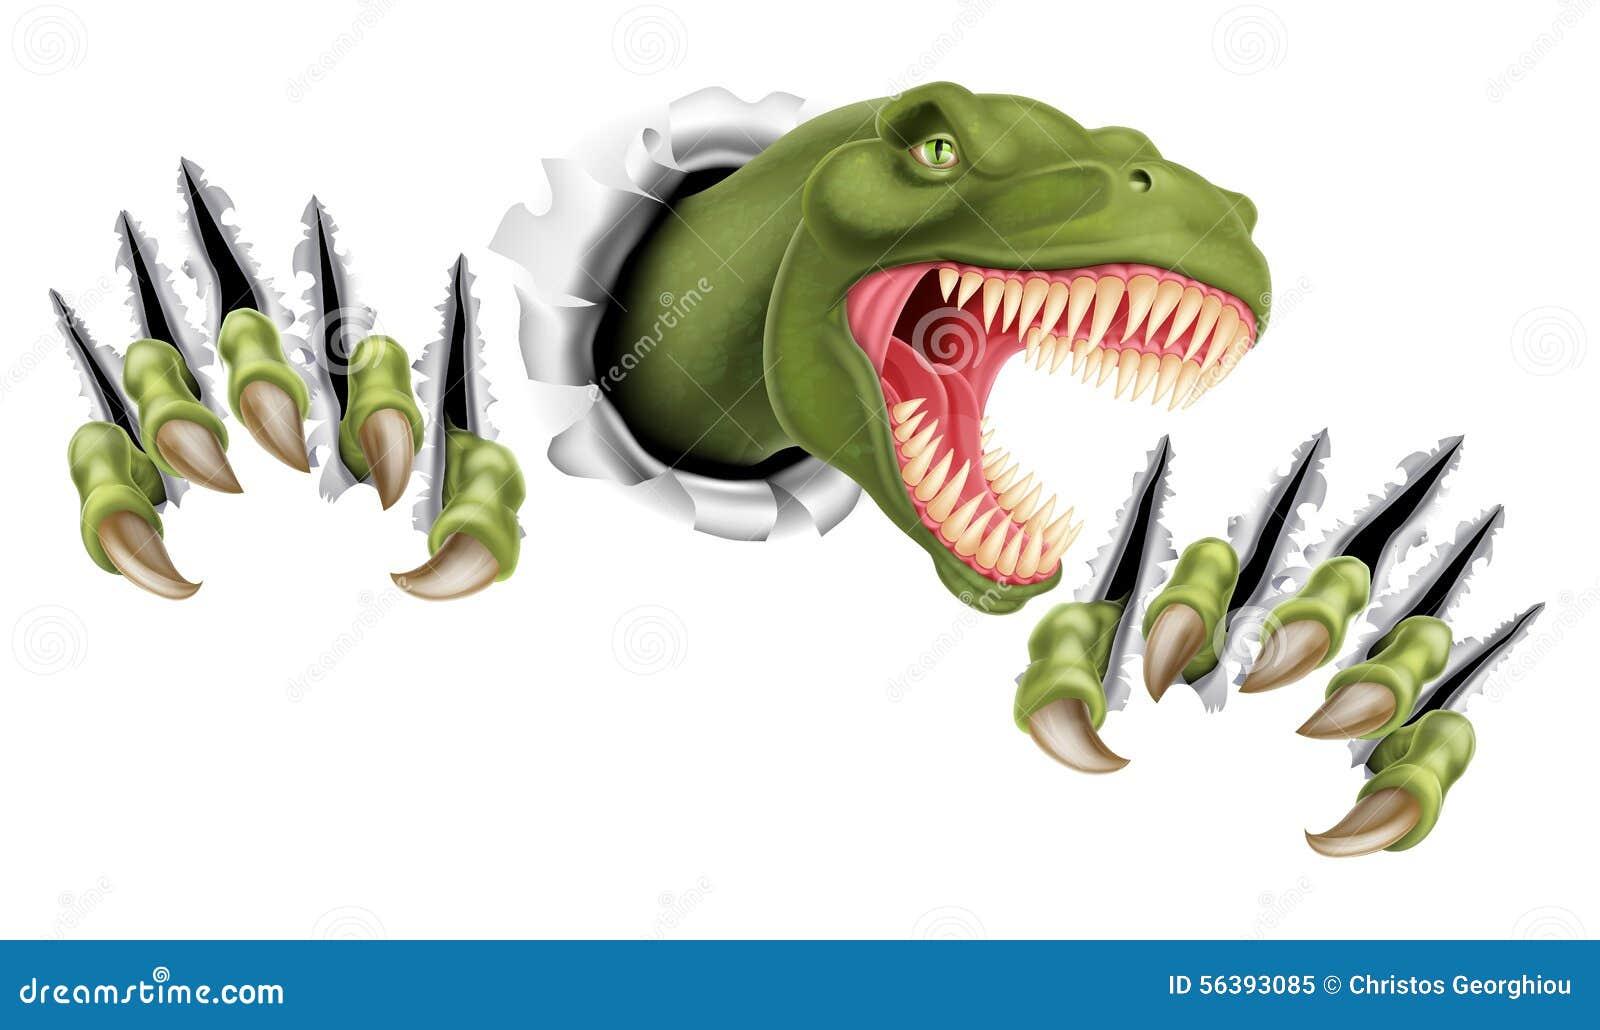 Δεινόσαυρος Τ Rex που σπάζει κατευθείαν